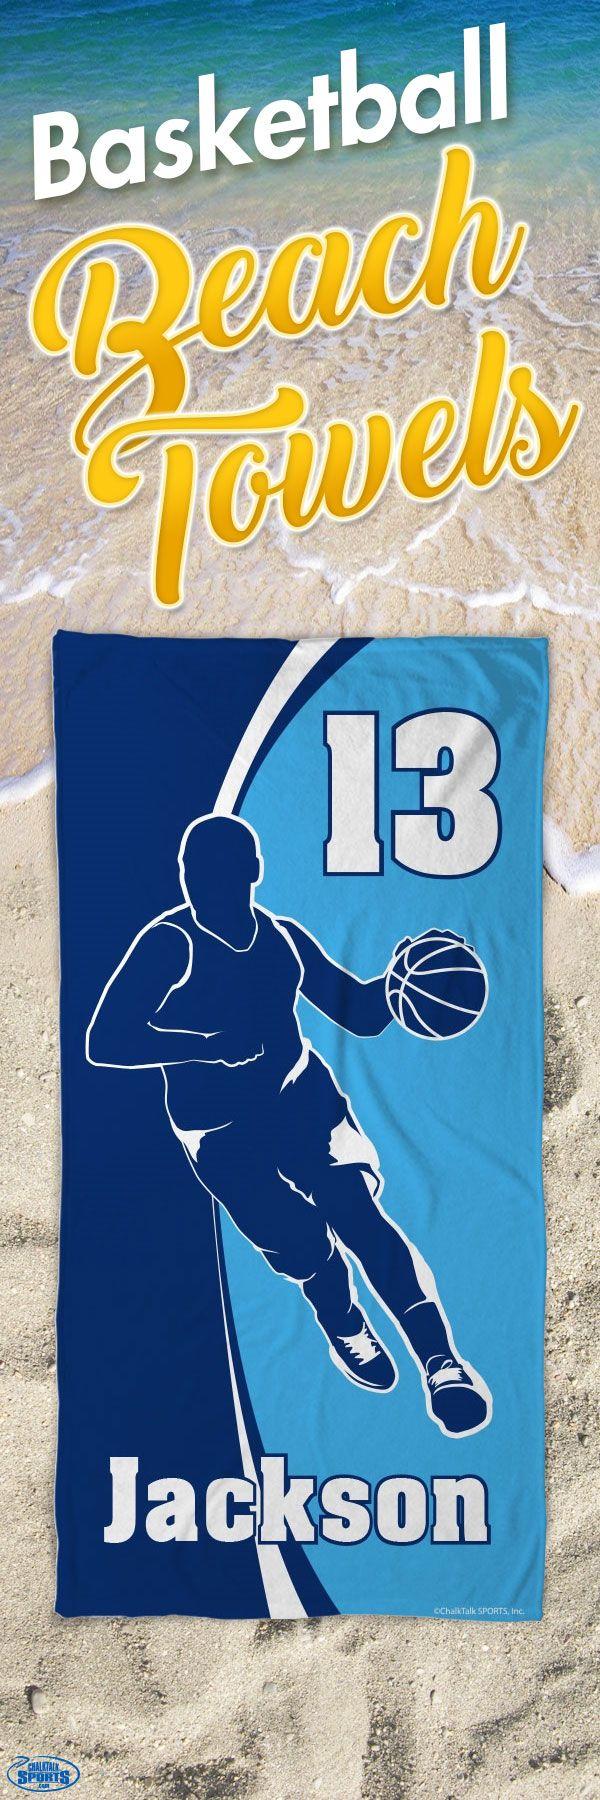 40 best outdoor basketball images on pinterest backyard ideas